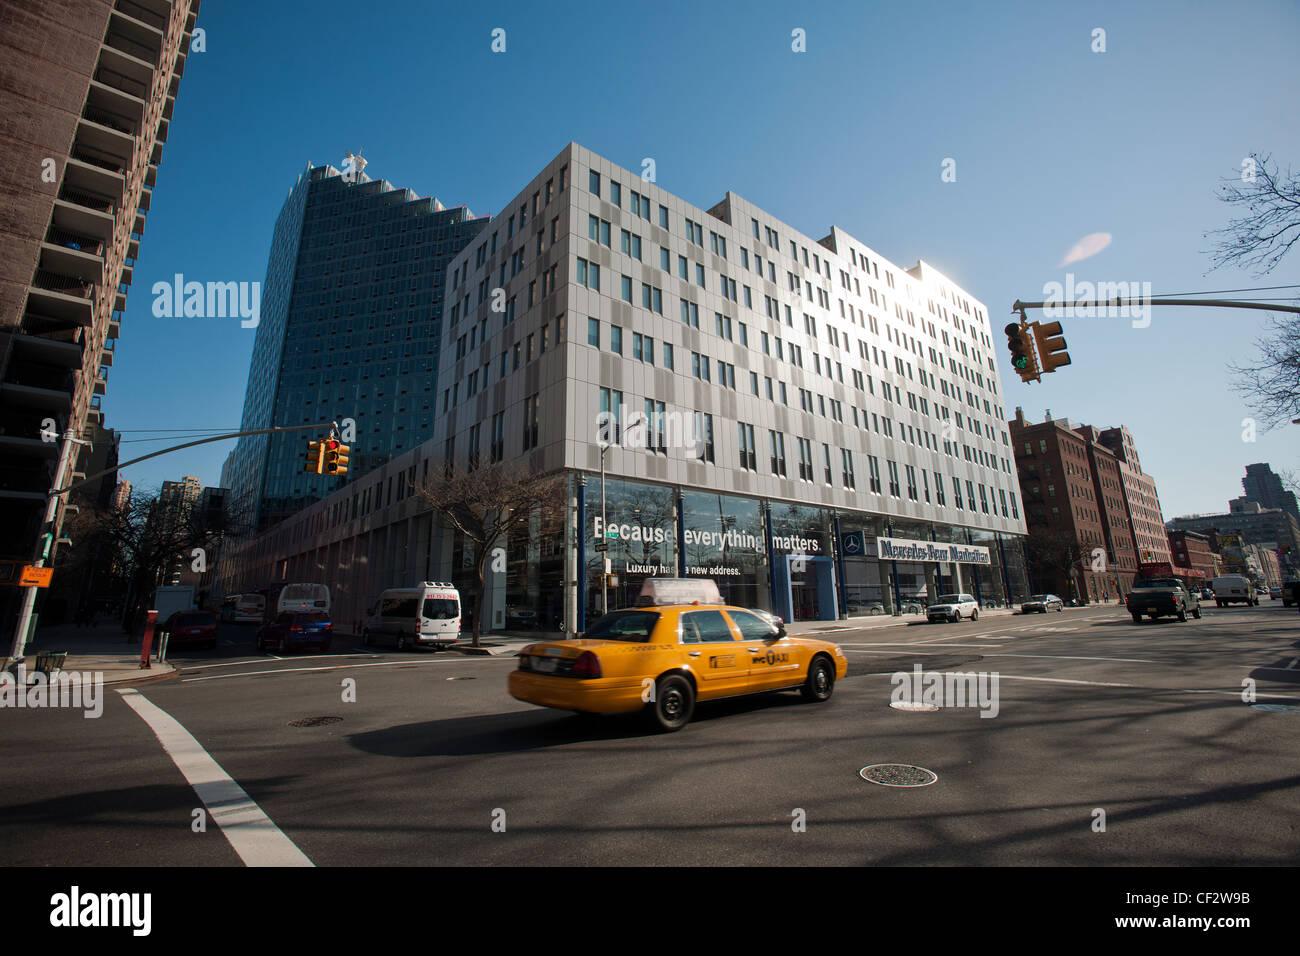 Elegant O Carro Chefe Da Mercedes Benz Manhattan Concessionário é Visto No Seu Novo  Prédio No Bairro De Hellu0027s Kitchen De Nova Iorque